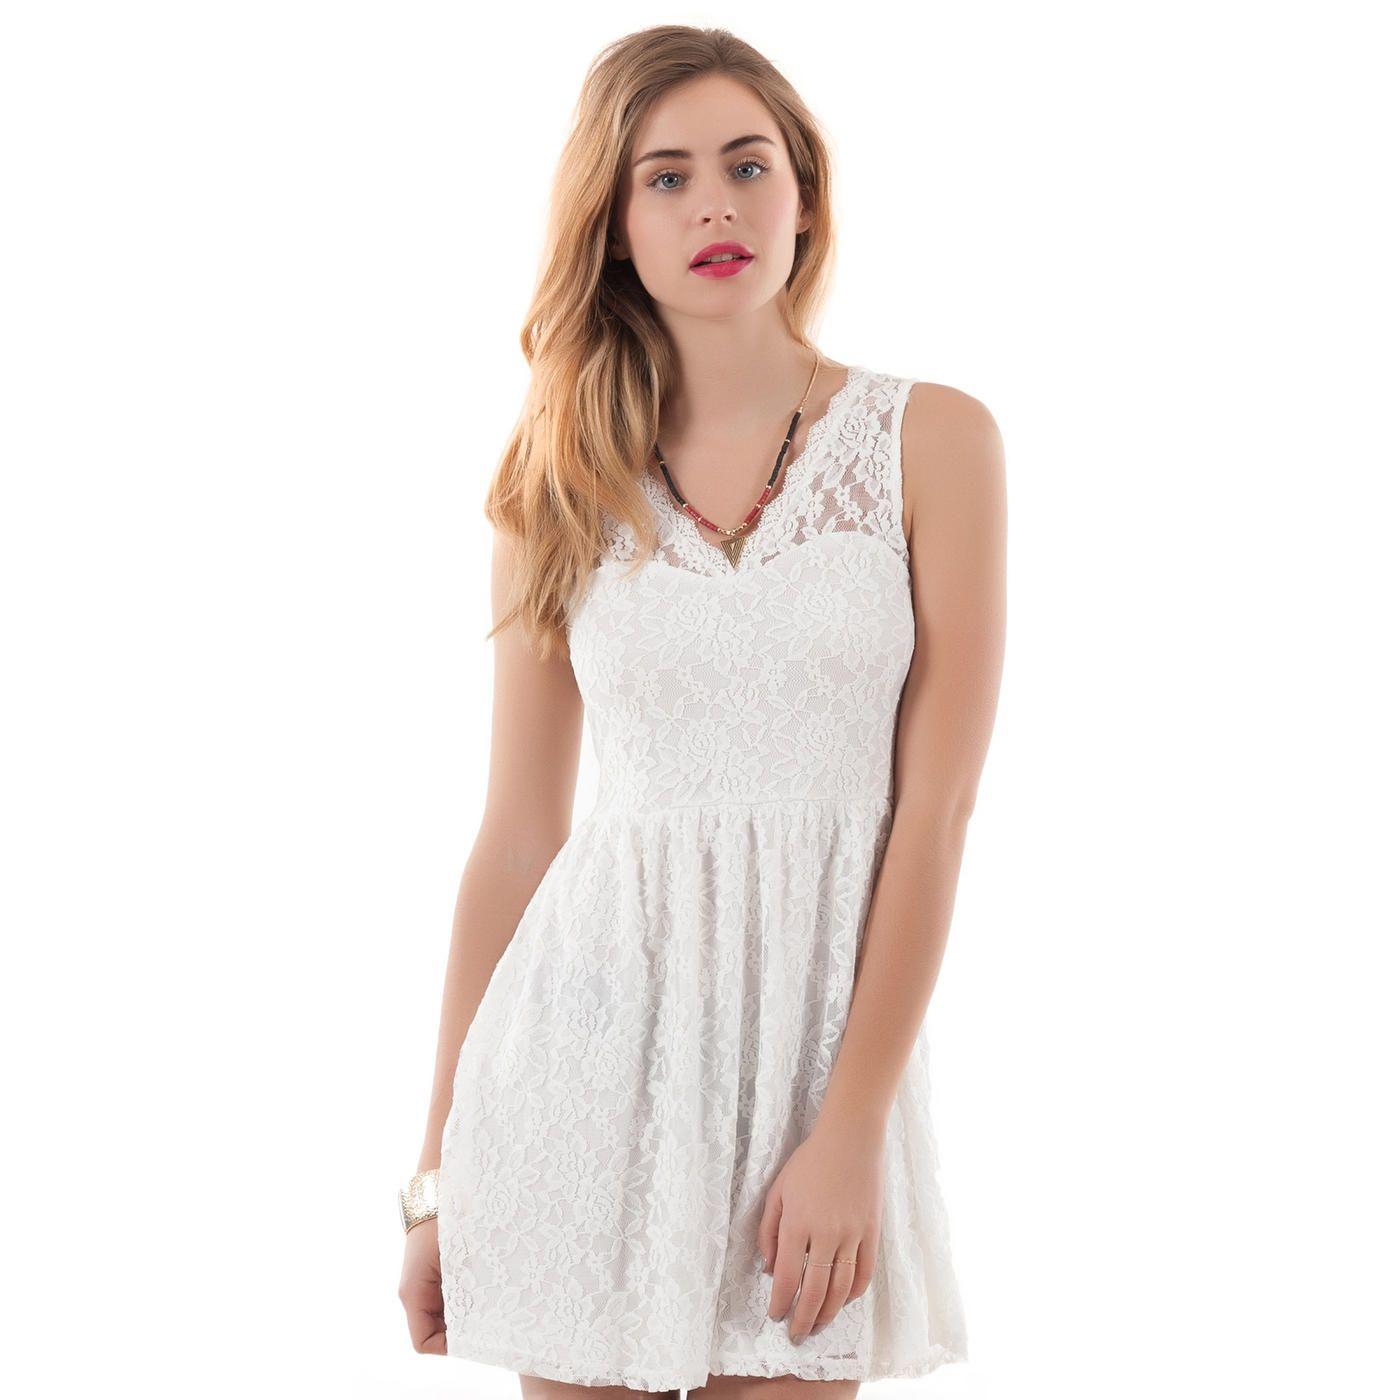 Robe blanche dentelle mim